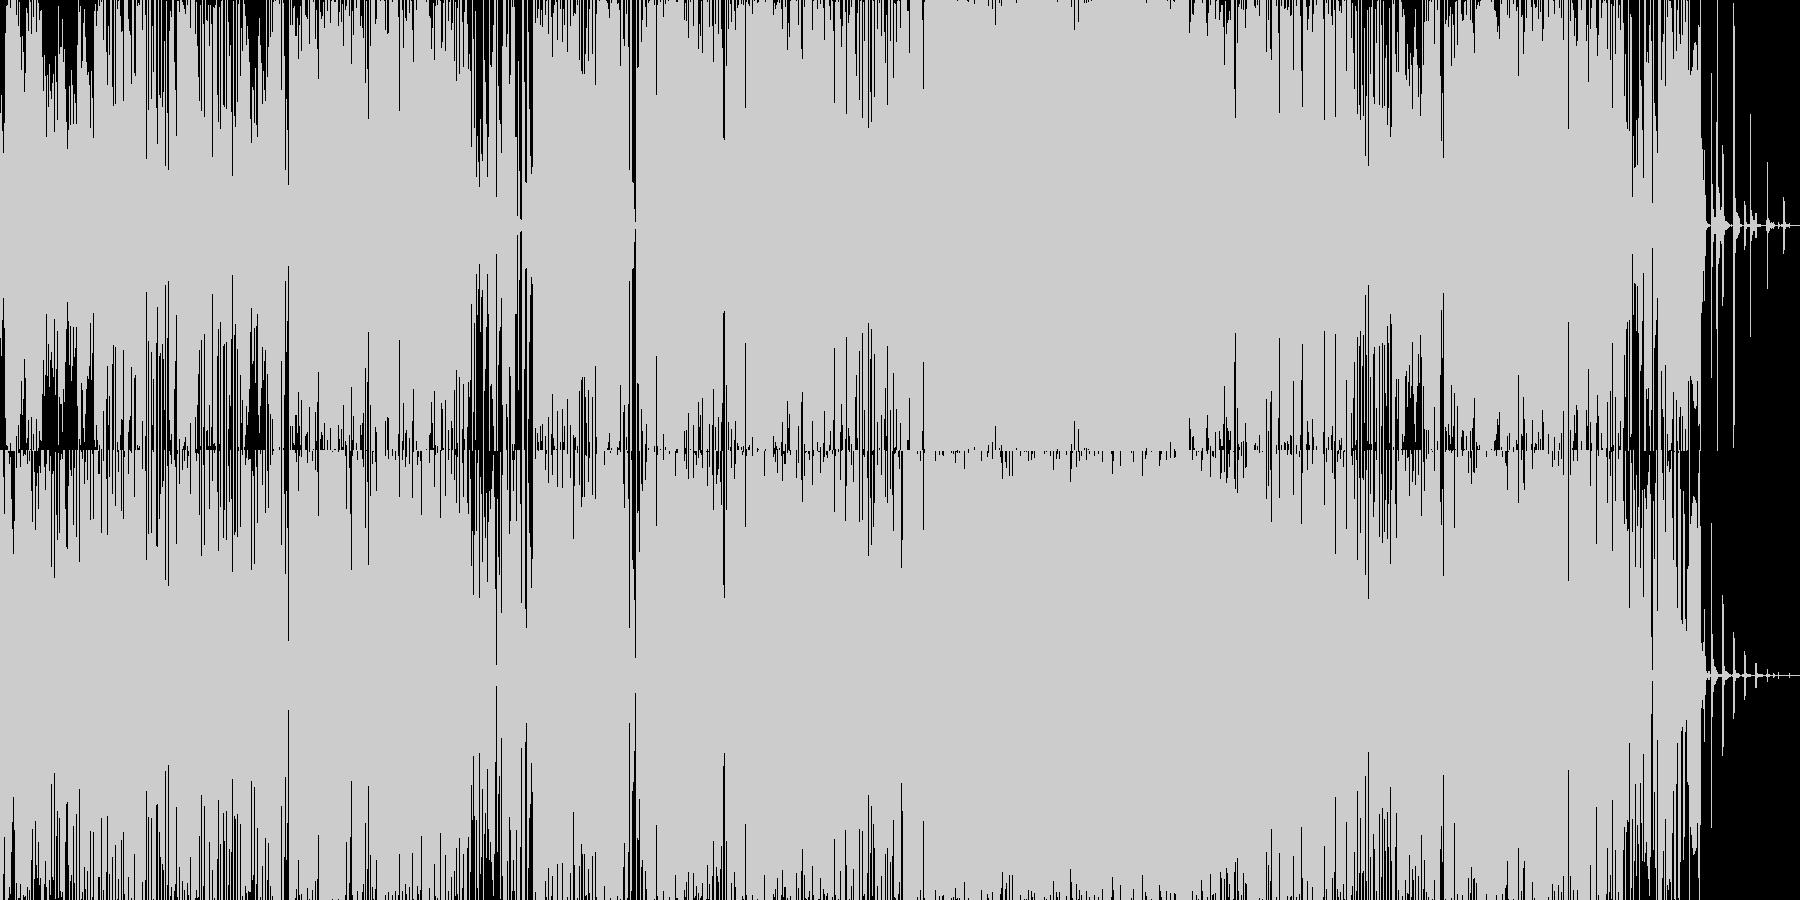 エレクトロ 技術的な お洒落 ad...の未再生の波形